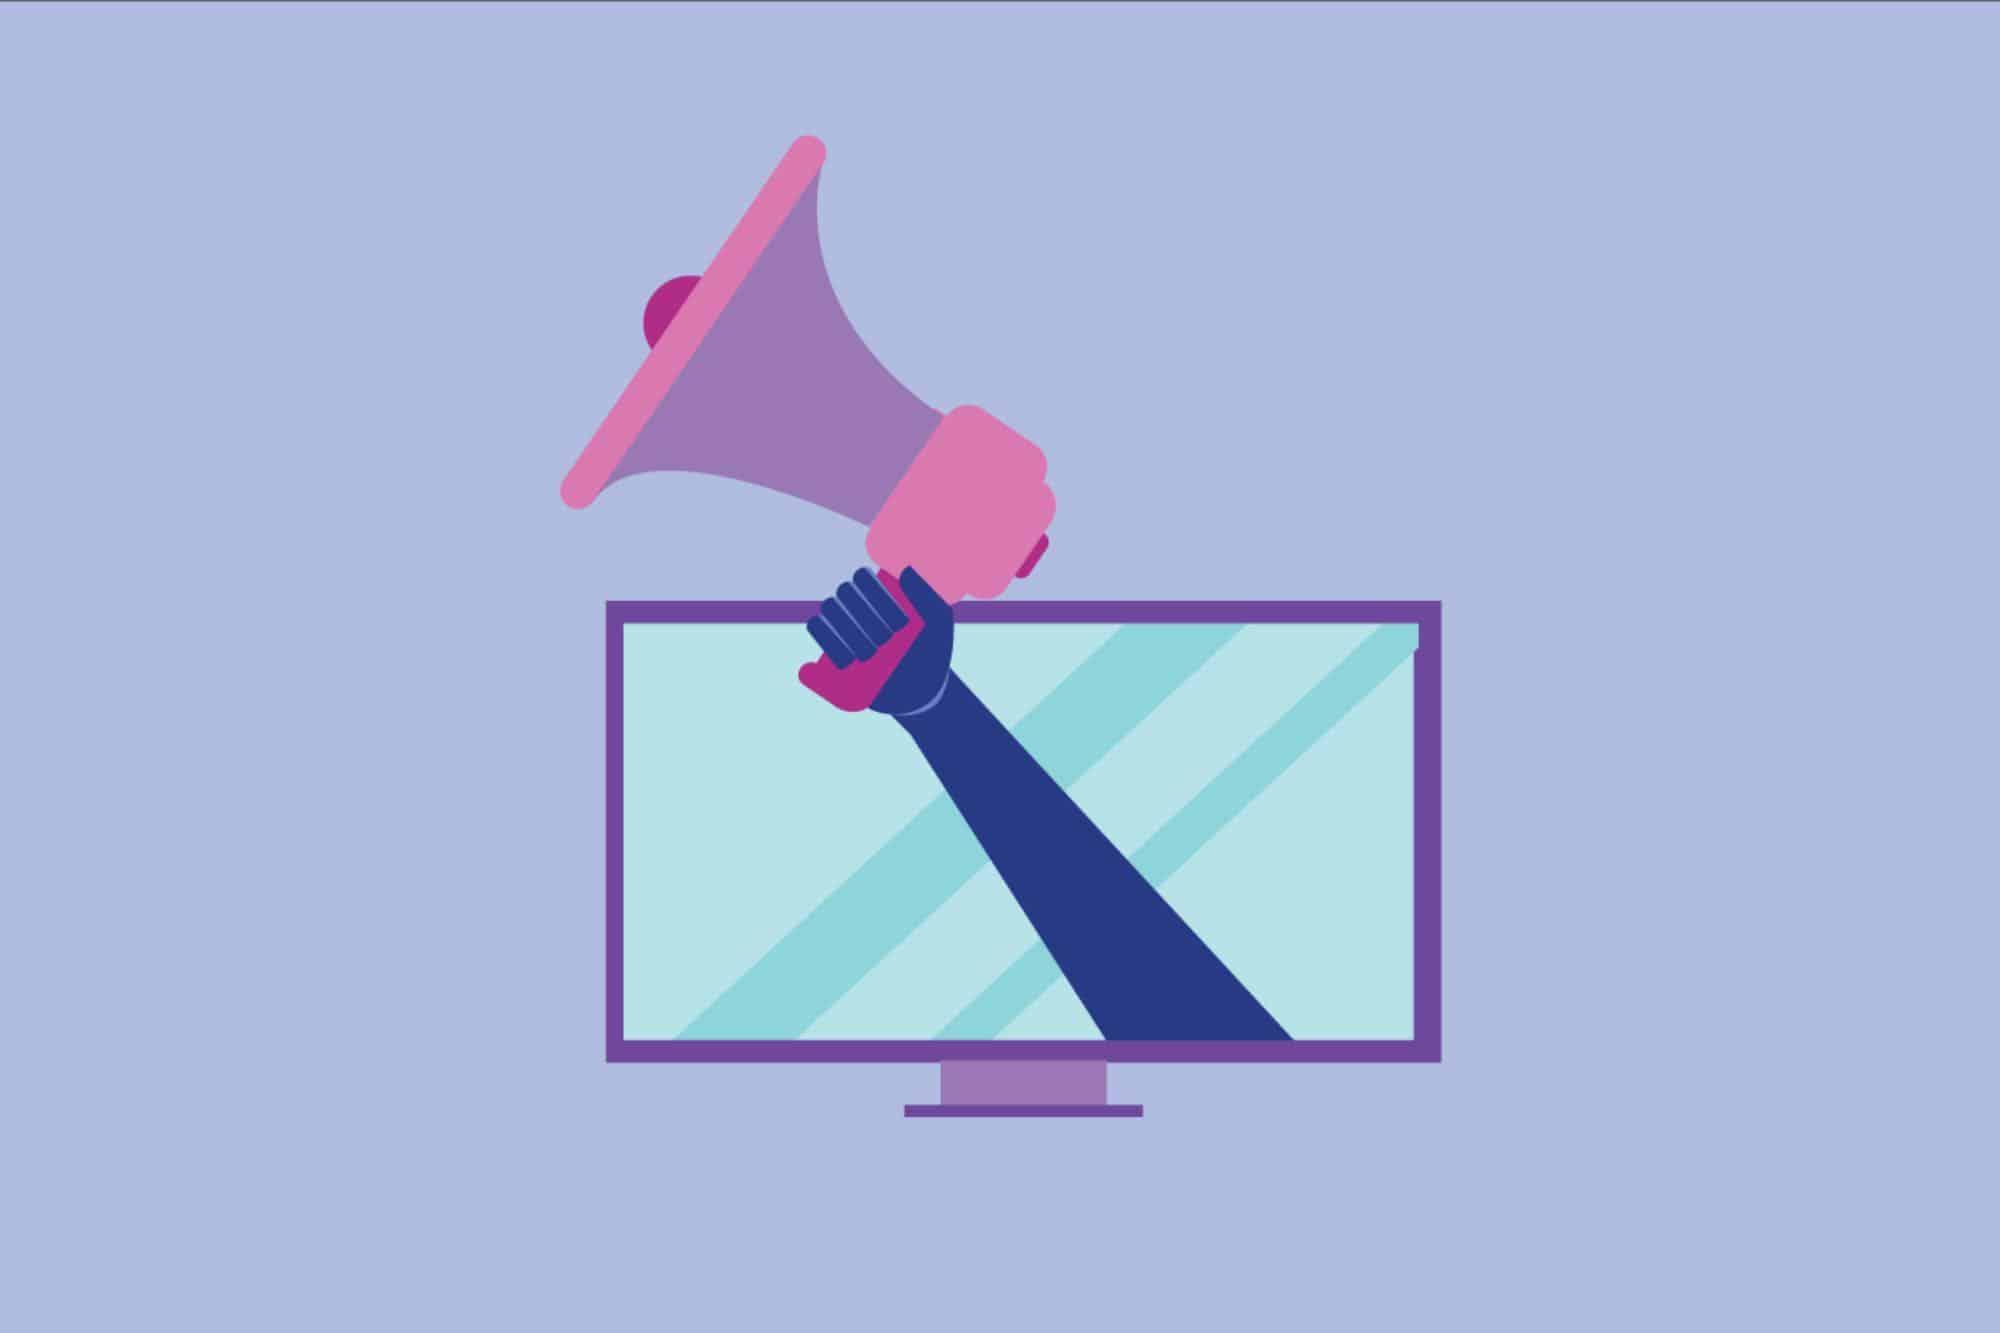 ilustração sobre como anunciar na TV